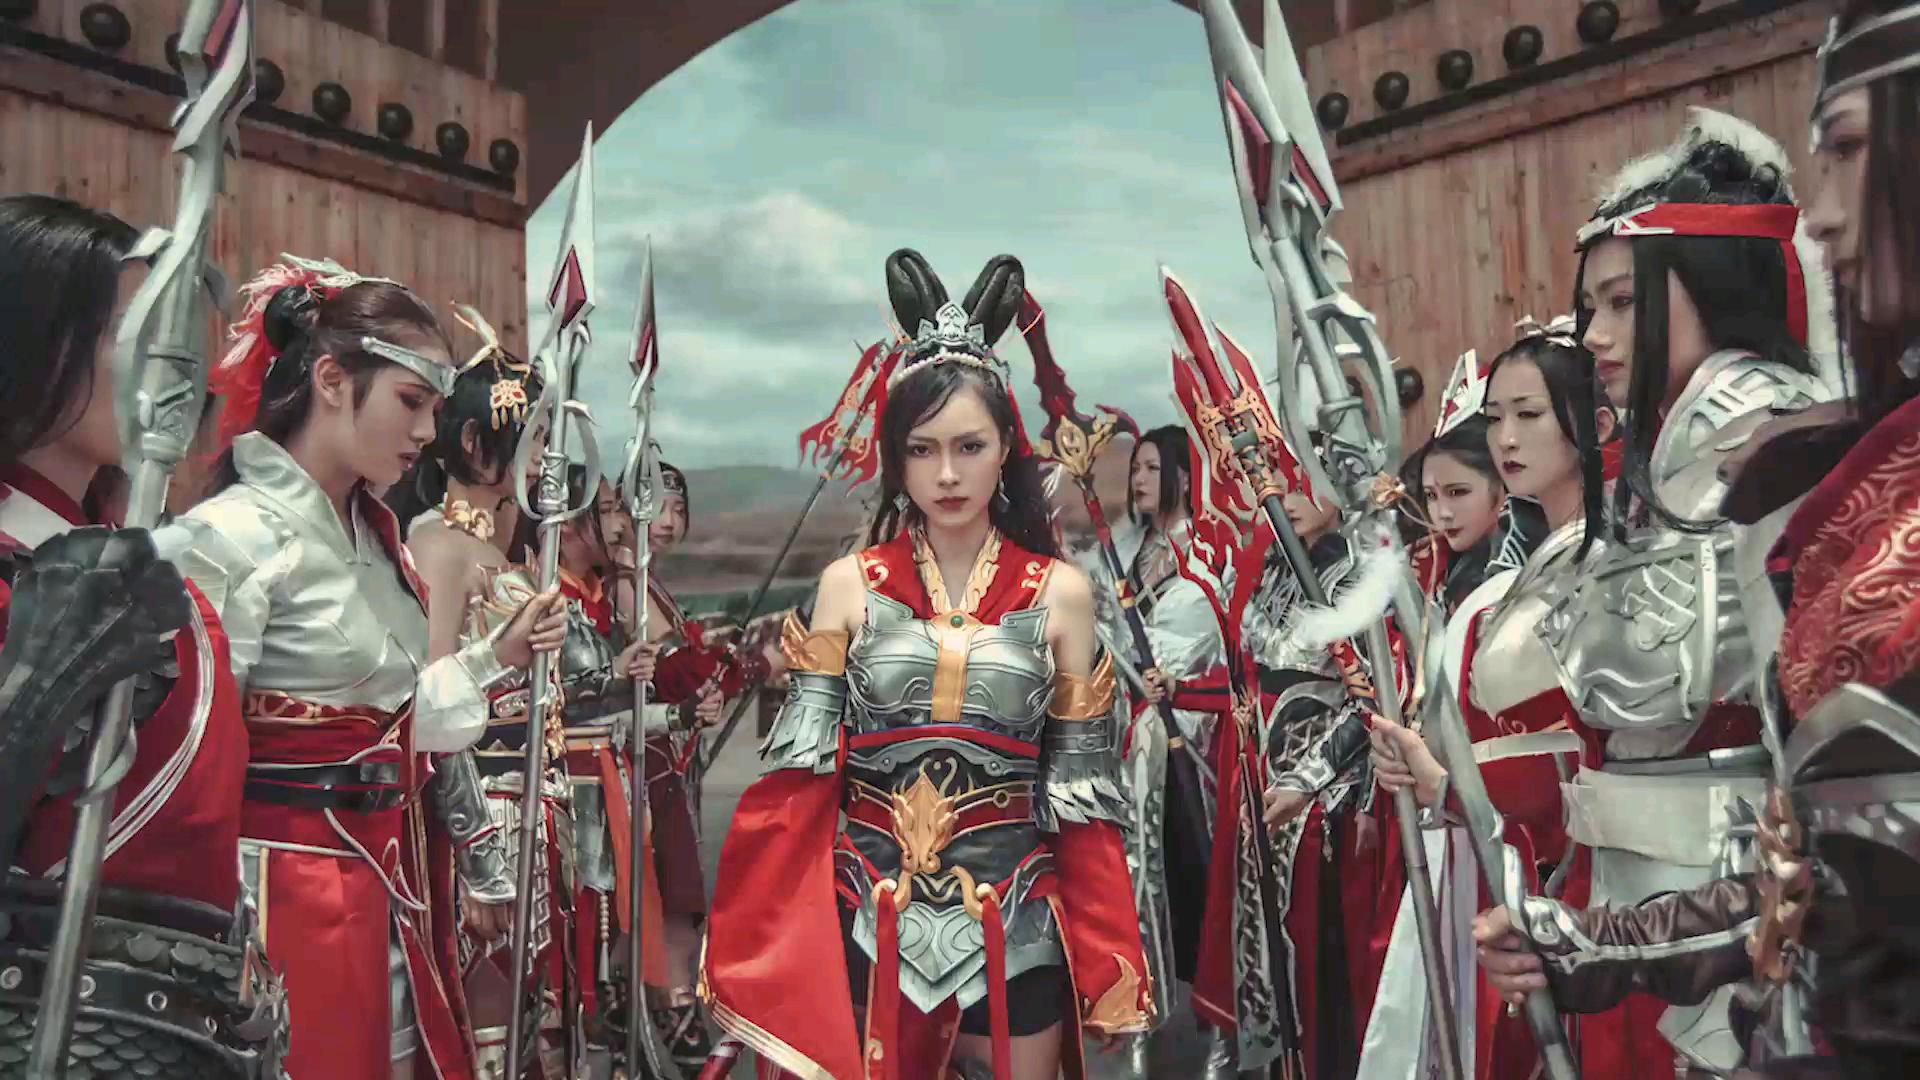 策_【剑网3】红色娘子军,天策土味情歌#cos向#_哔哩哔哩(゜-゜)つロ